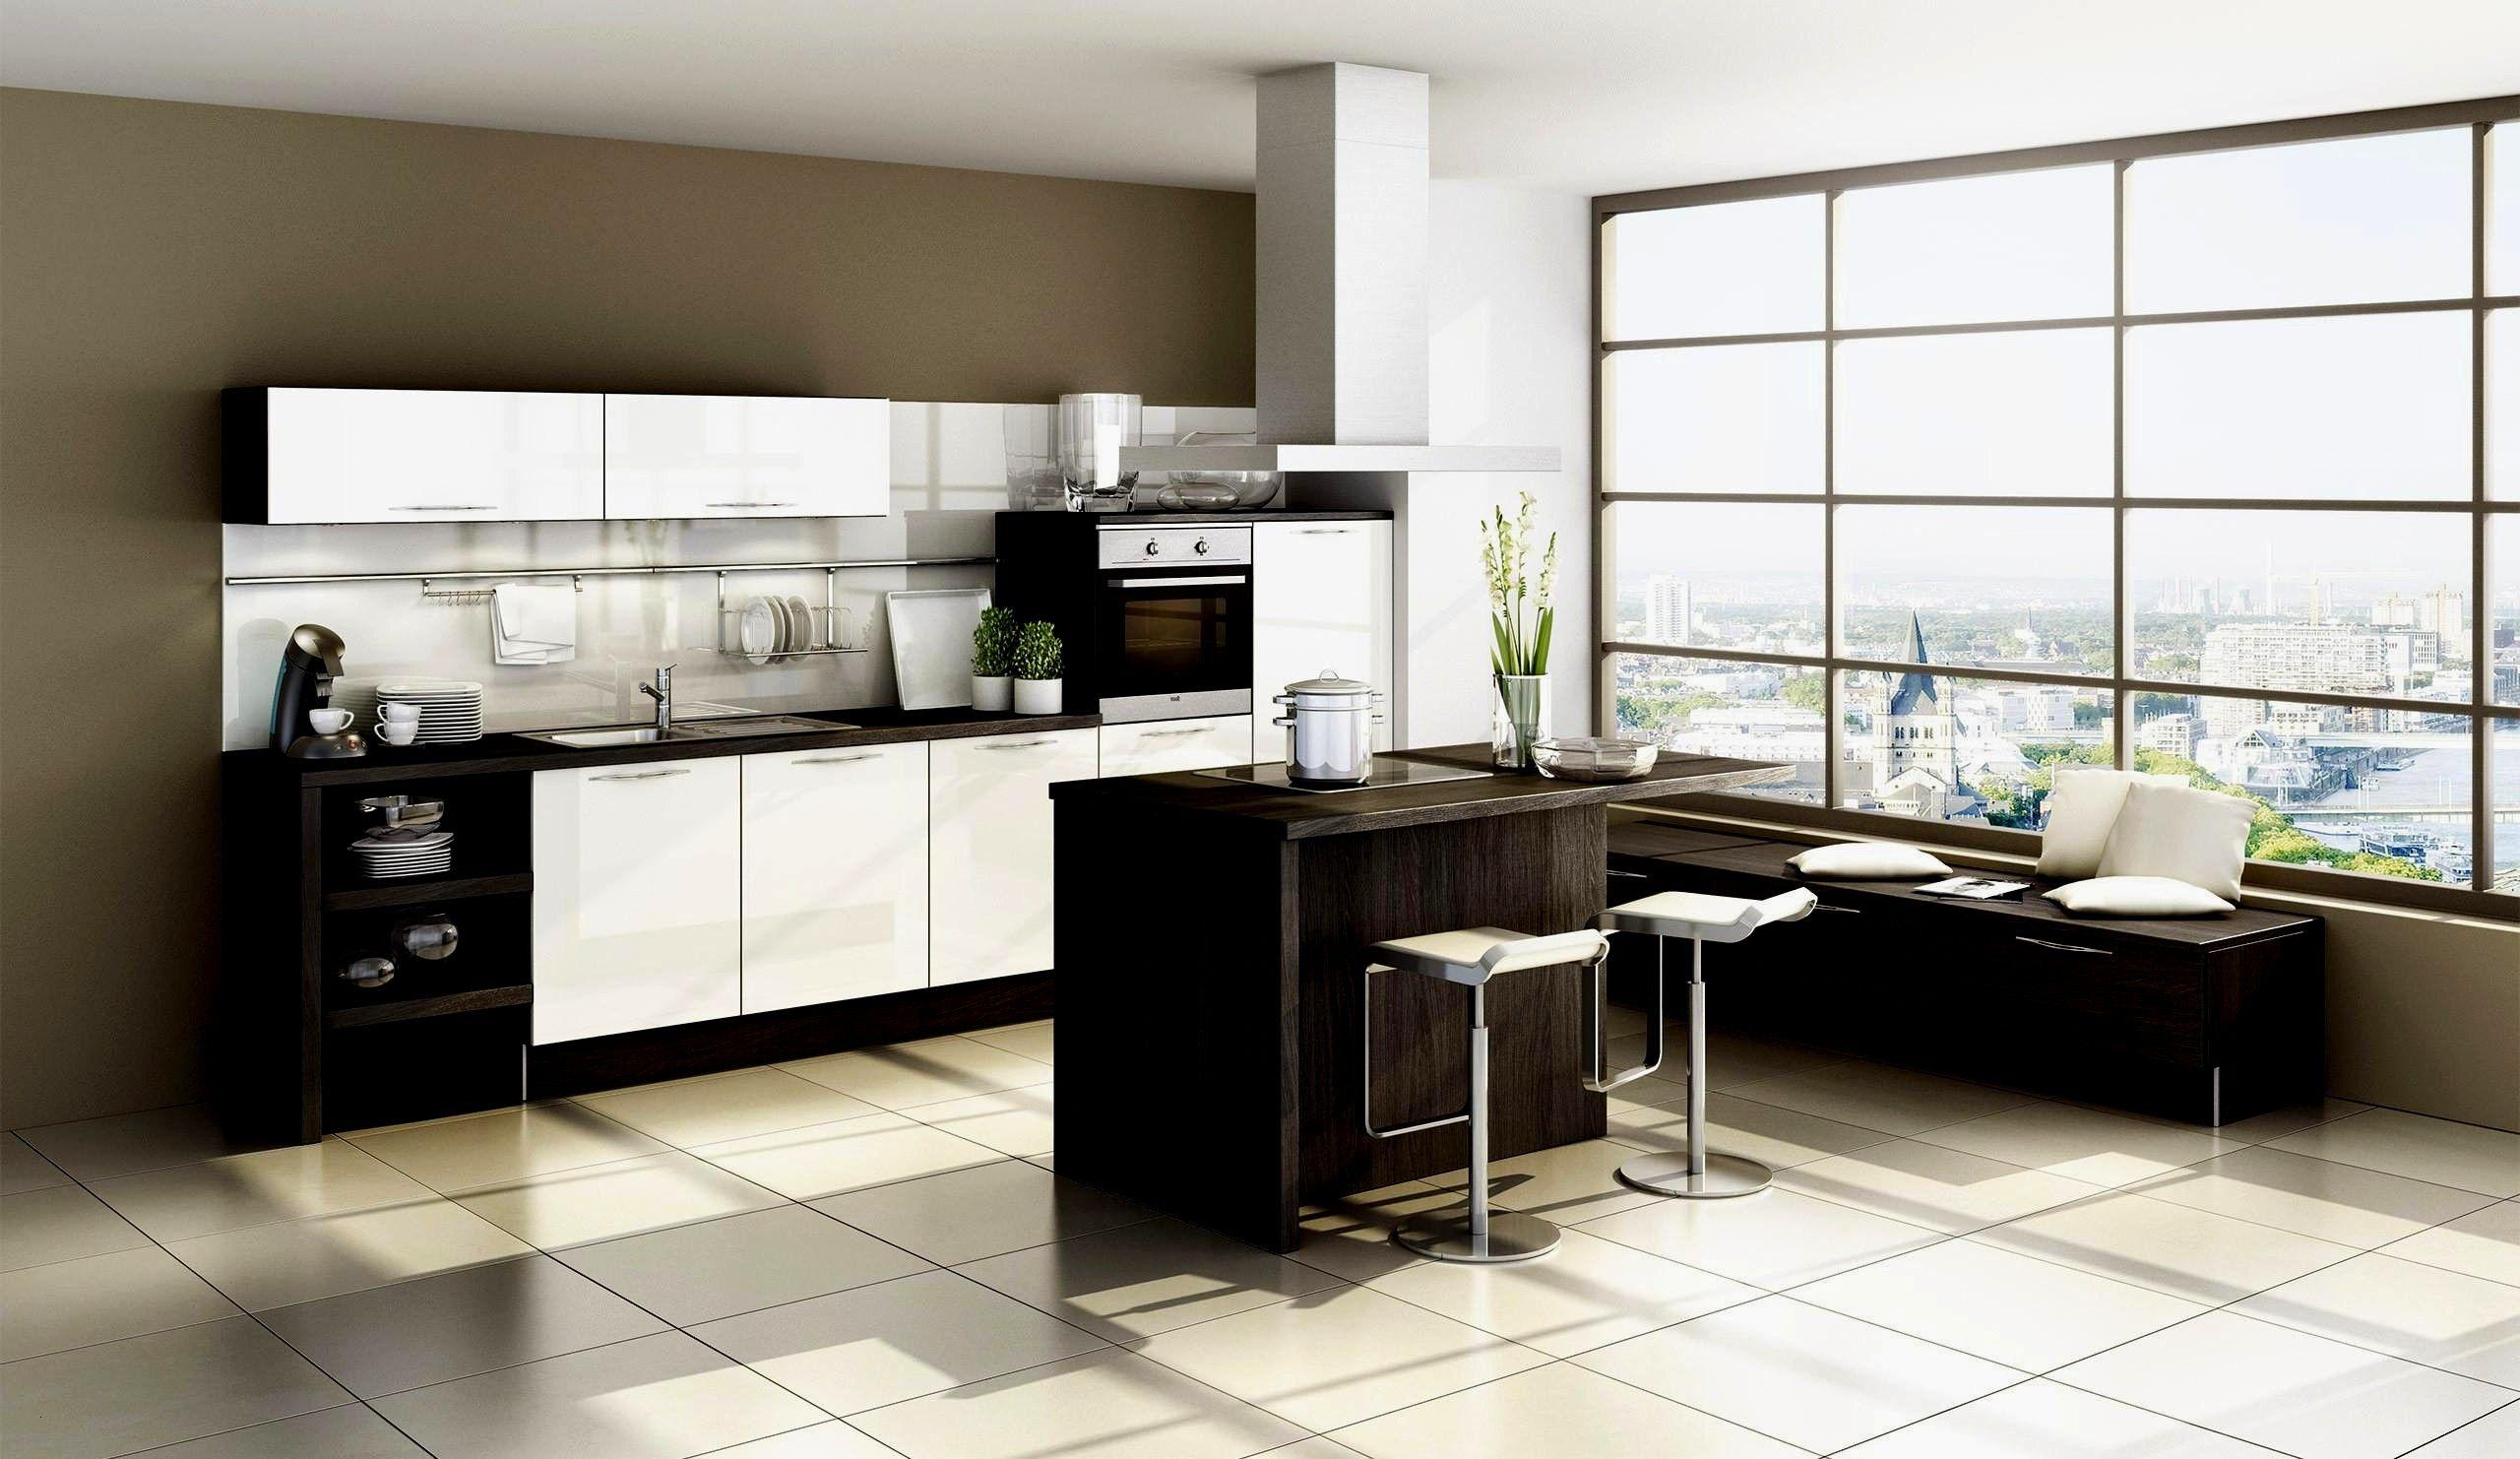 Full Size of Ikea Möbel Aufbauen Lassen Wunderbar Küche Aufbauen Lassen Kosten Kuche Rechner Einzigartig Küche Ikea Küche Kosten